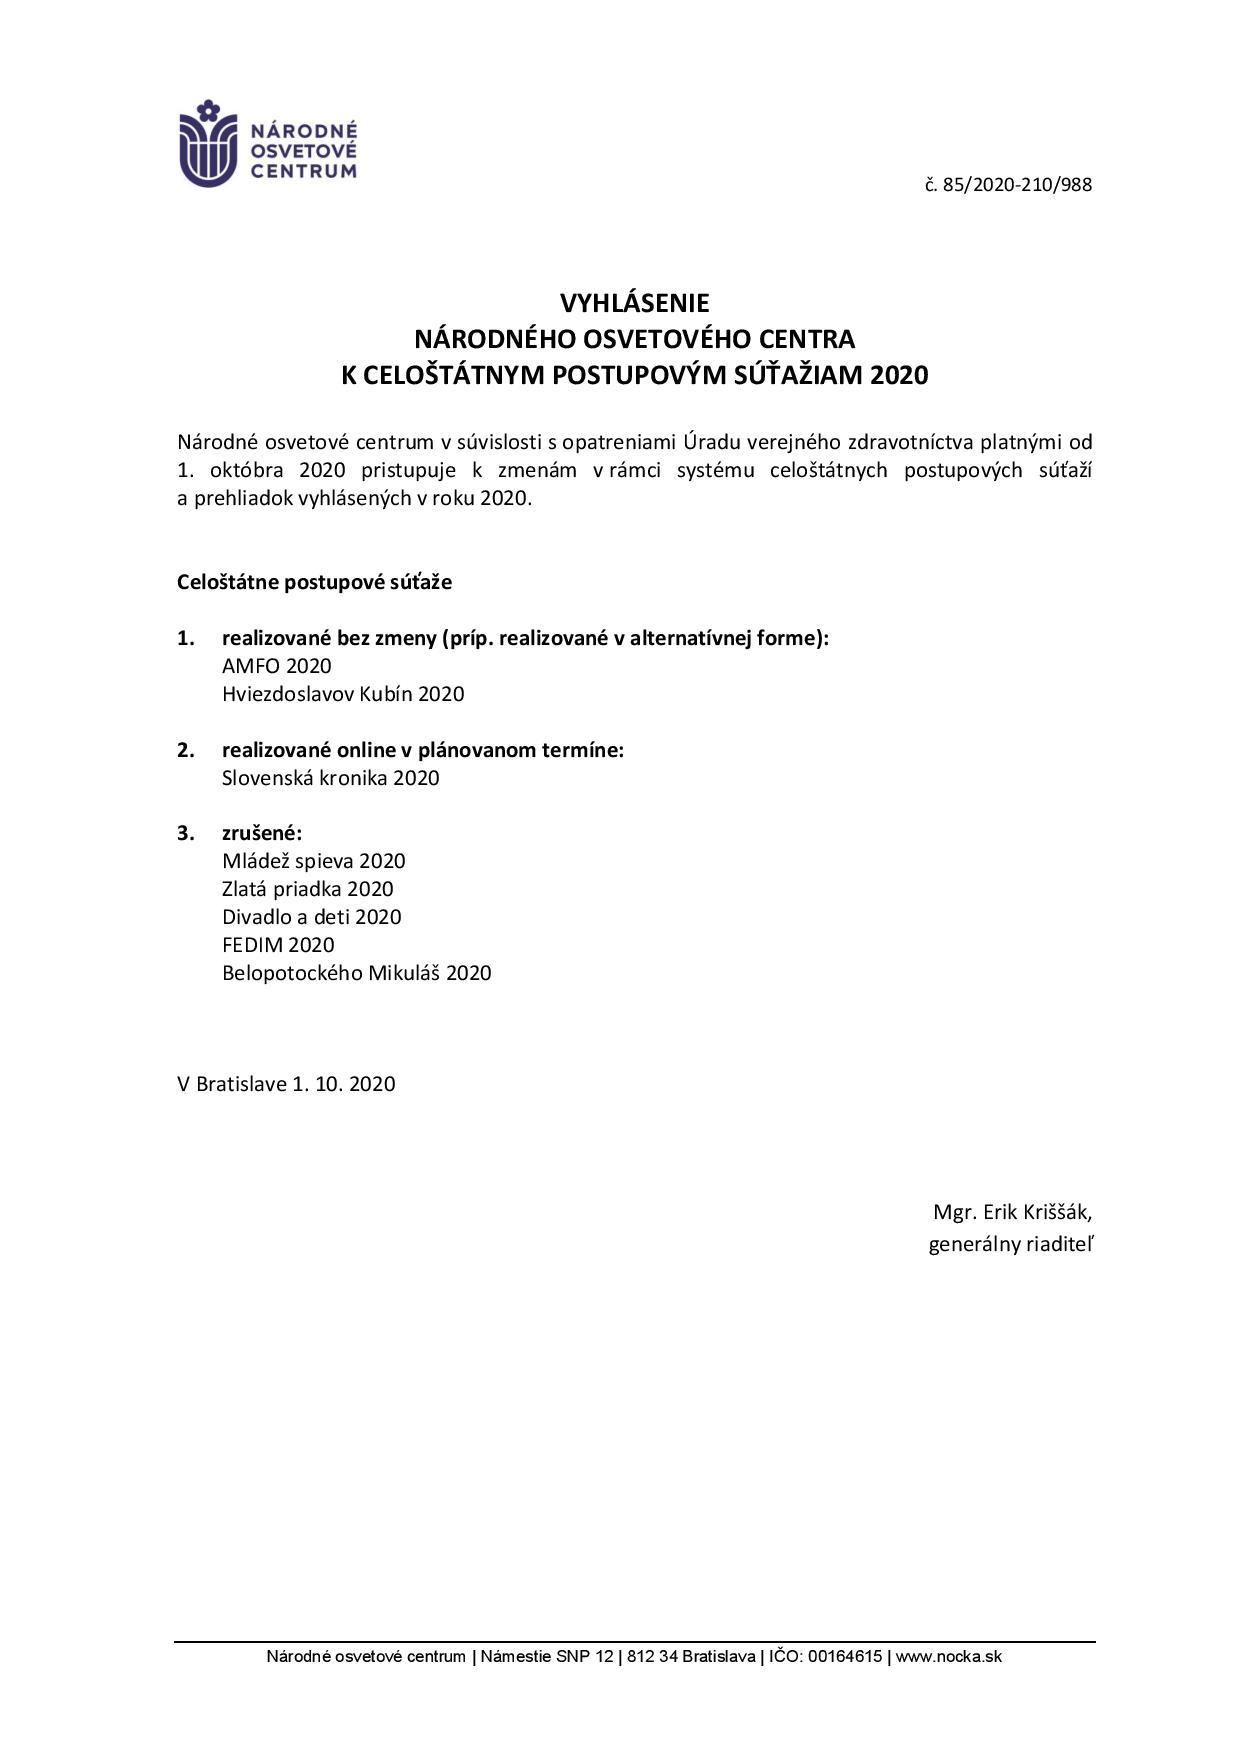 VyhlásenieNOC k celoštátnym postupovým súťažiam